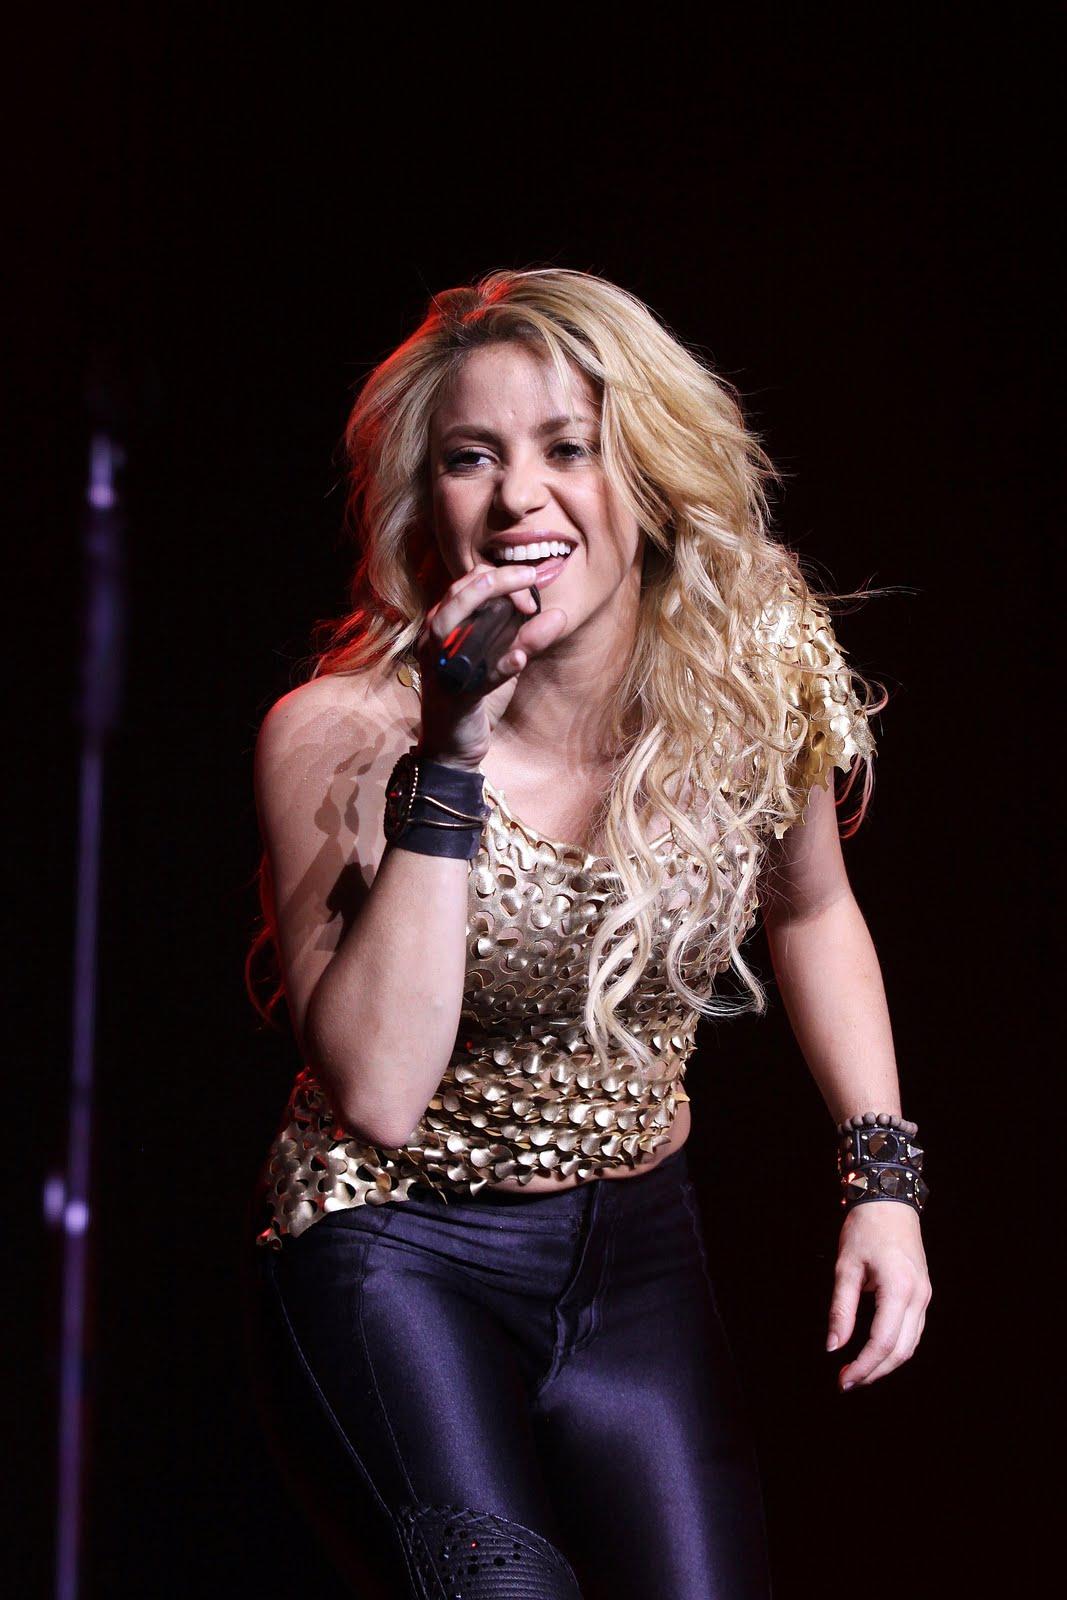 Galería » Apariciones, candids, conciertos... 78331_Shakira_PerformingliveinAssagoForuminMilanItalyMay32011_By_oTTo2_122_80lo